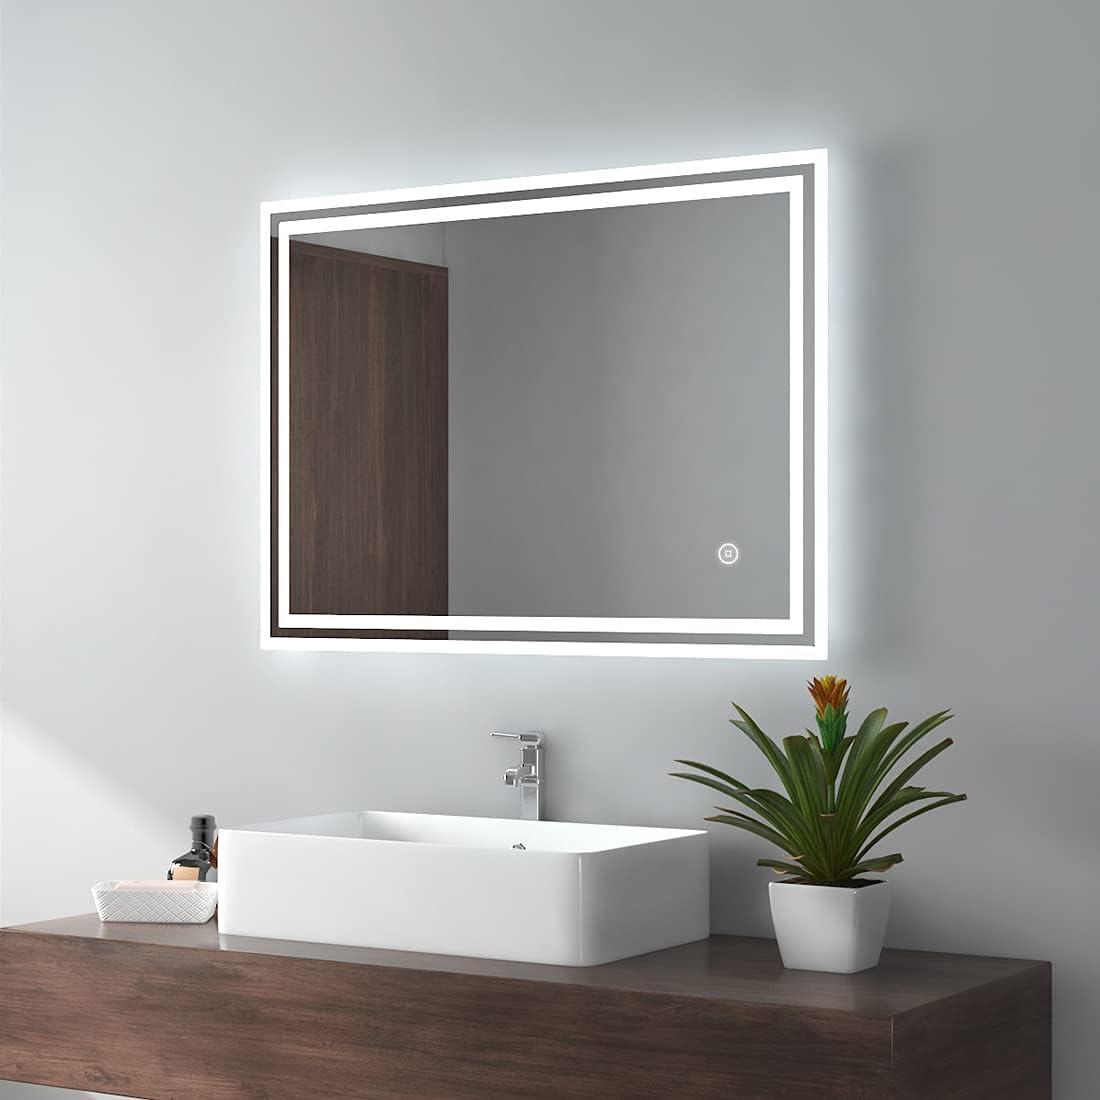 EMKE Espejo de baño LED 80x60cm Espejo de baño con iluminación Espejo de Pared con iluminación en Blanco frío Espejo con Interruptor táctil IP44 Ahorro de energía